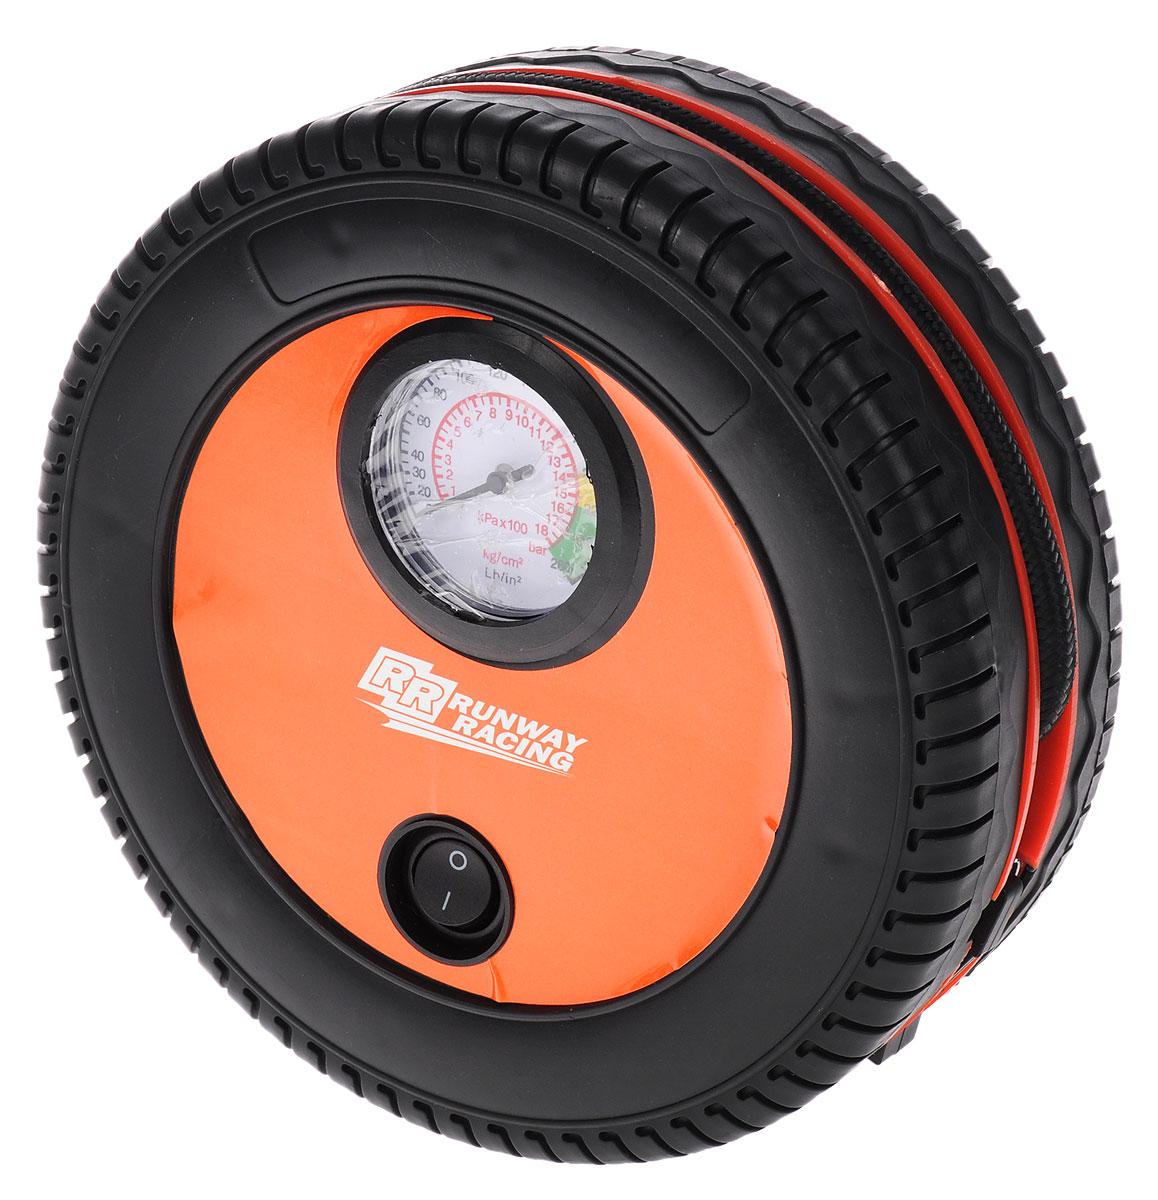 Компрессор автомобильный Runway Racing, 12В. RR131RR131Компрессор Runway Racing подходит для автомобильных и велосипедных шин, для матрасов и лодок и других надувных изделий из резины. Он мощный, компактный и удобный в использовании. Компрессор выполнен из прочного пластика в виде колеса. Шланг и кабель питания убираются в кабель, что обеспечивает компактное хранение изделия. Питается компрессор от автомобильной сети 12В. В комплекте насадки для накачивания различных резиновых предметов. Максимальное давление: 250 PSI (17 атм). Производительность: 18 л/мин. Вольтаж 12В. Время накачивания стандартной шины: 8 минут.